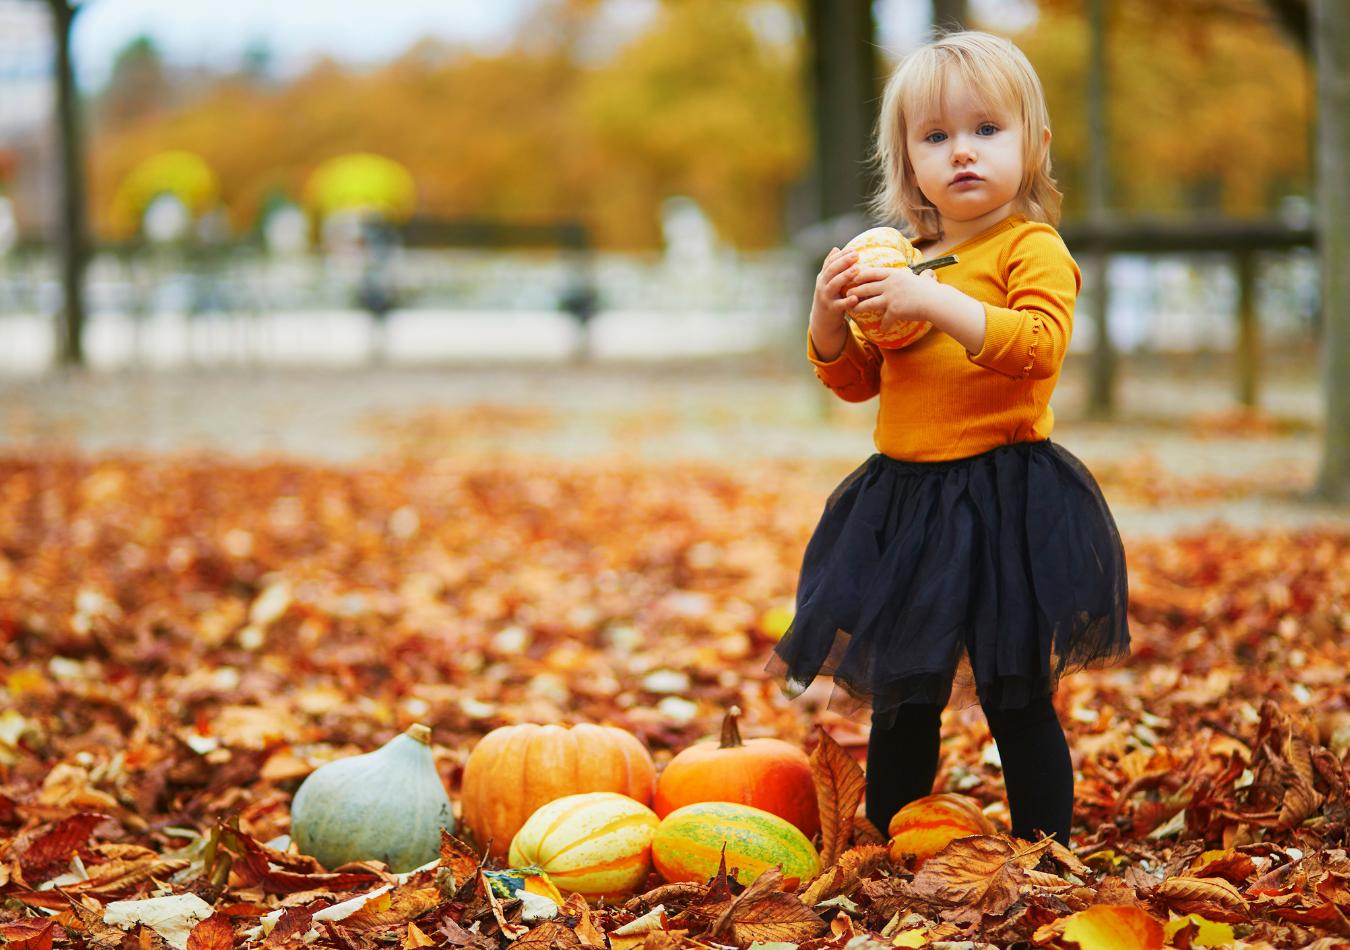 Pumpkins, more pumpkins!